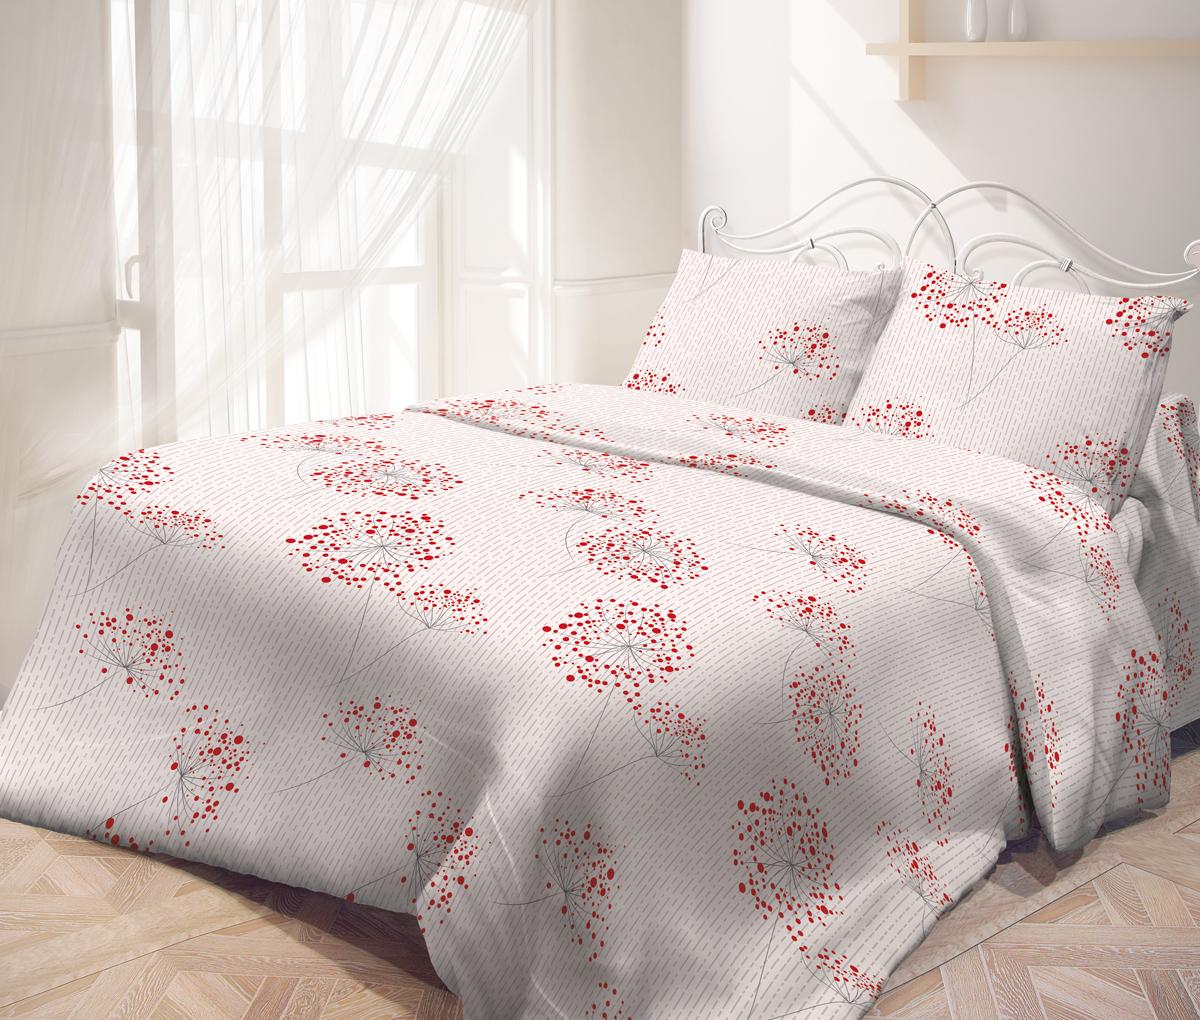 Комплект постельного белья Самойловский текстиль Легкость, евро, наволочки 50х70, цвет: голубой714283Комплекты постельного белья Самойловский текстиль - это максимально натуральный, естественный комфорт и невероятно приятные тактильные ощущения и актуальные современные дизайны. Чрезвычайно мягкая на ощупь поверхность хлопковой ткани Cottonsoft - будто нежный и мягкий лепесток цветка. Она имеет бархатистую структуру благодаря использованию особого сырья и технологий при производстве. Неприхотливая в уходе, 100% натуральная, износостойкая, но самое главное - особенно мягкая, она безусловно понравится тем, кто любит понежиться в постели и станет отличной альтернативой традиционным комплектам из тканей полотняной структуры.